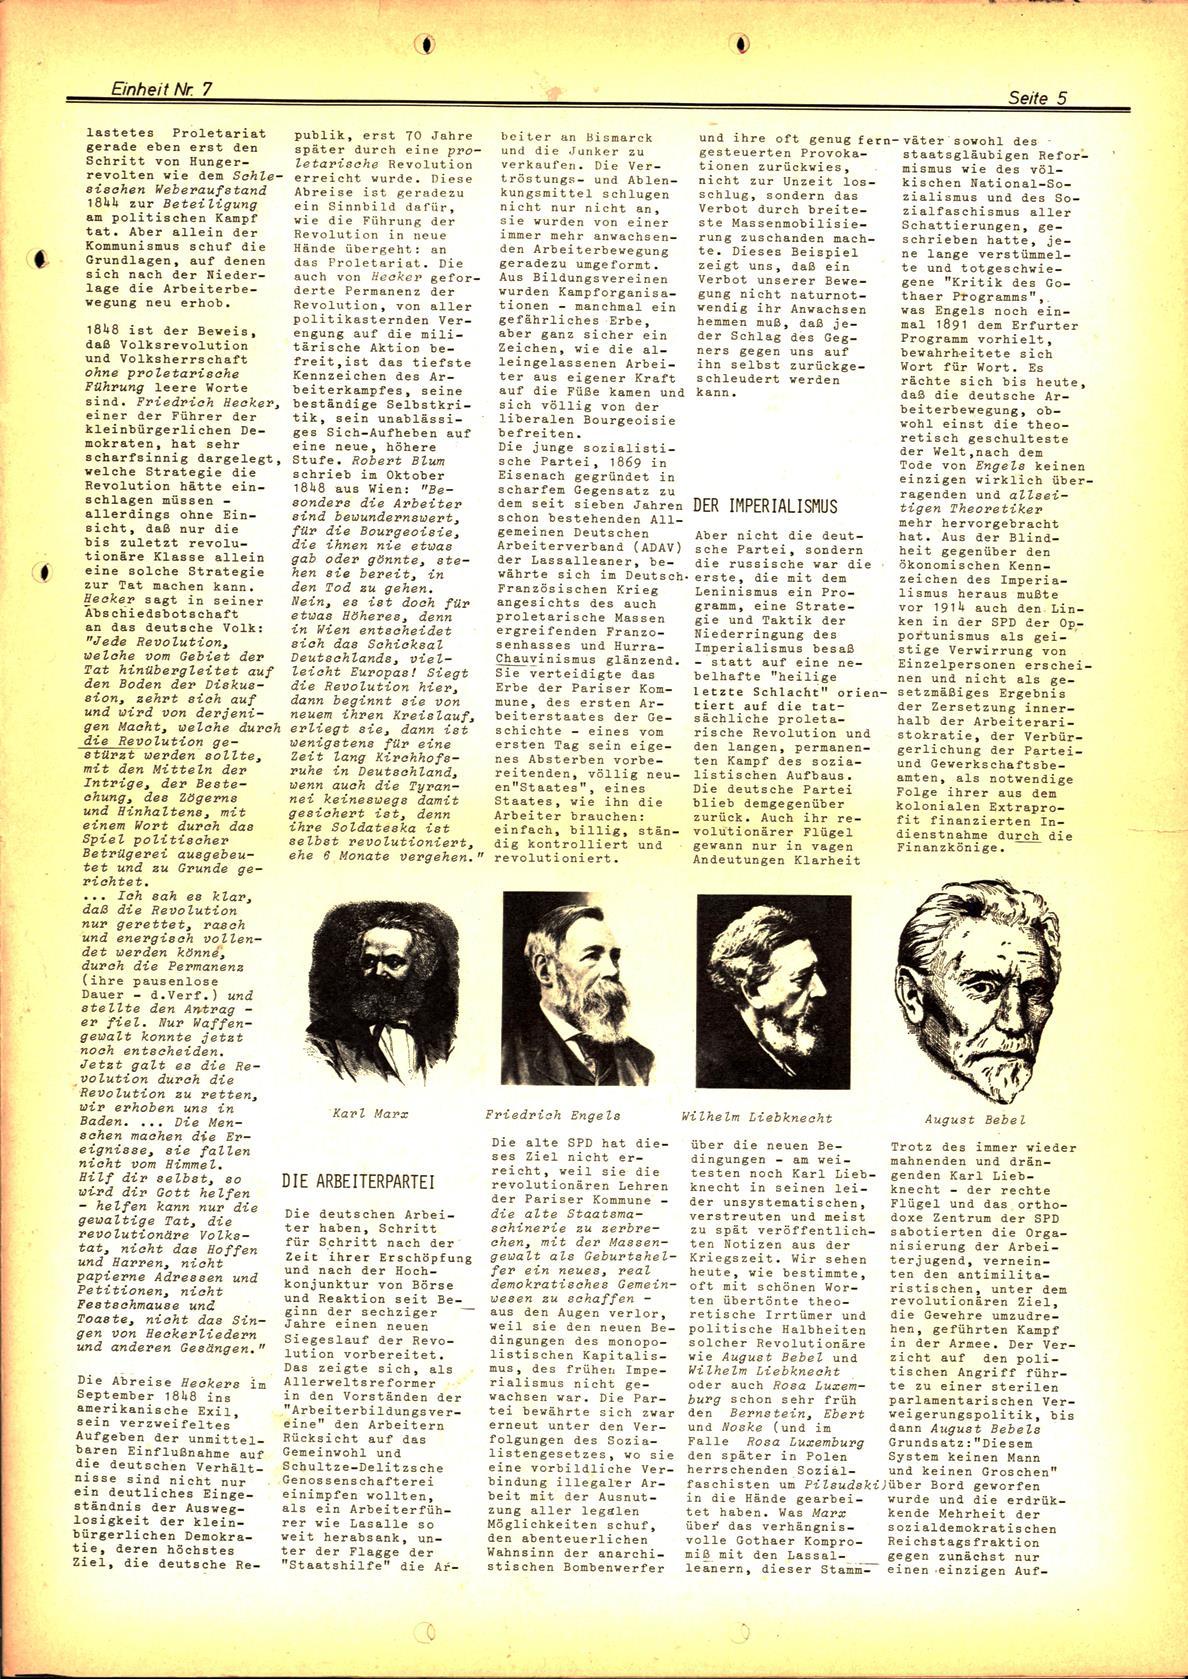 Koeln_IPdA_Einheit_1976_007_005